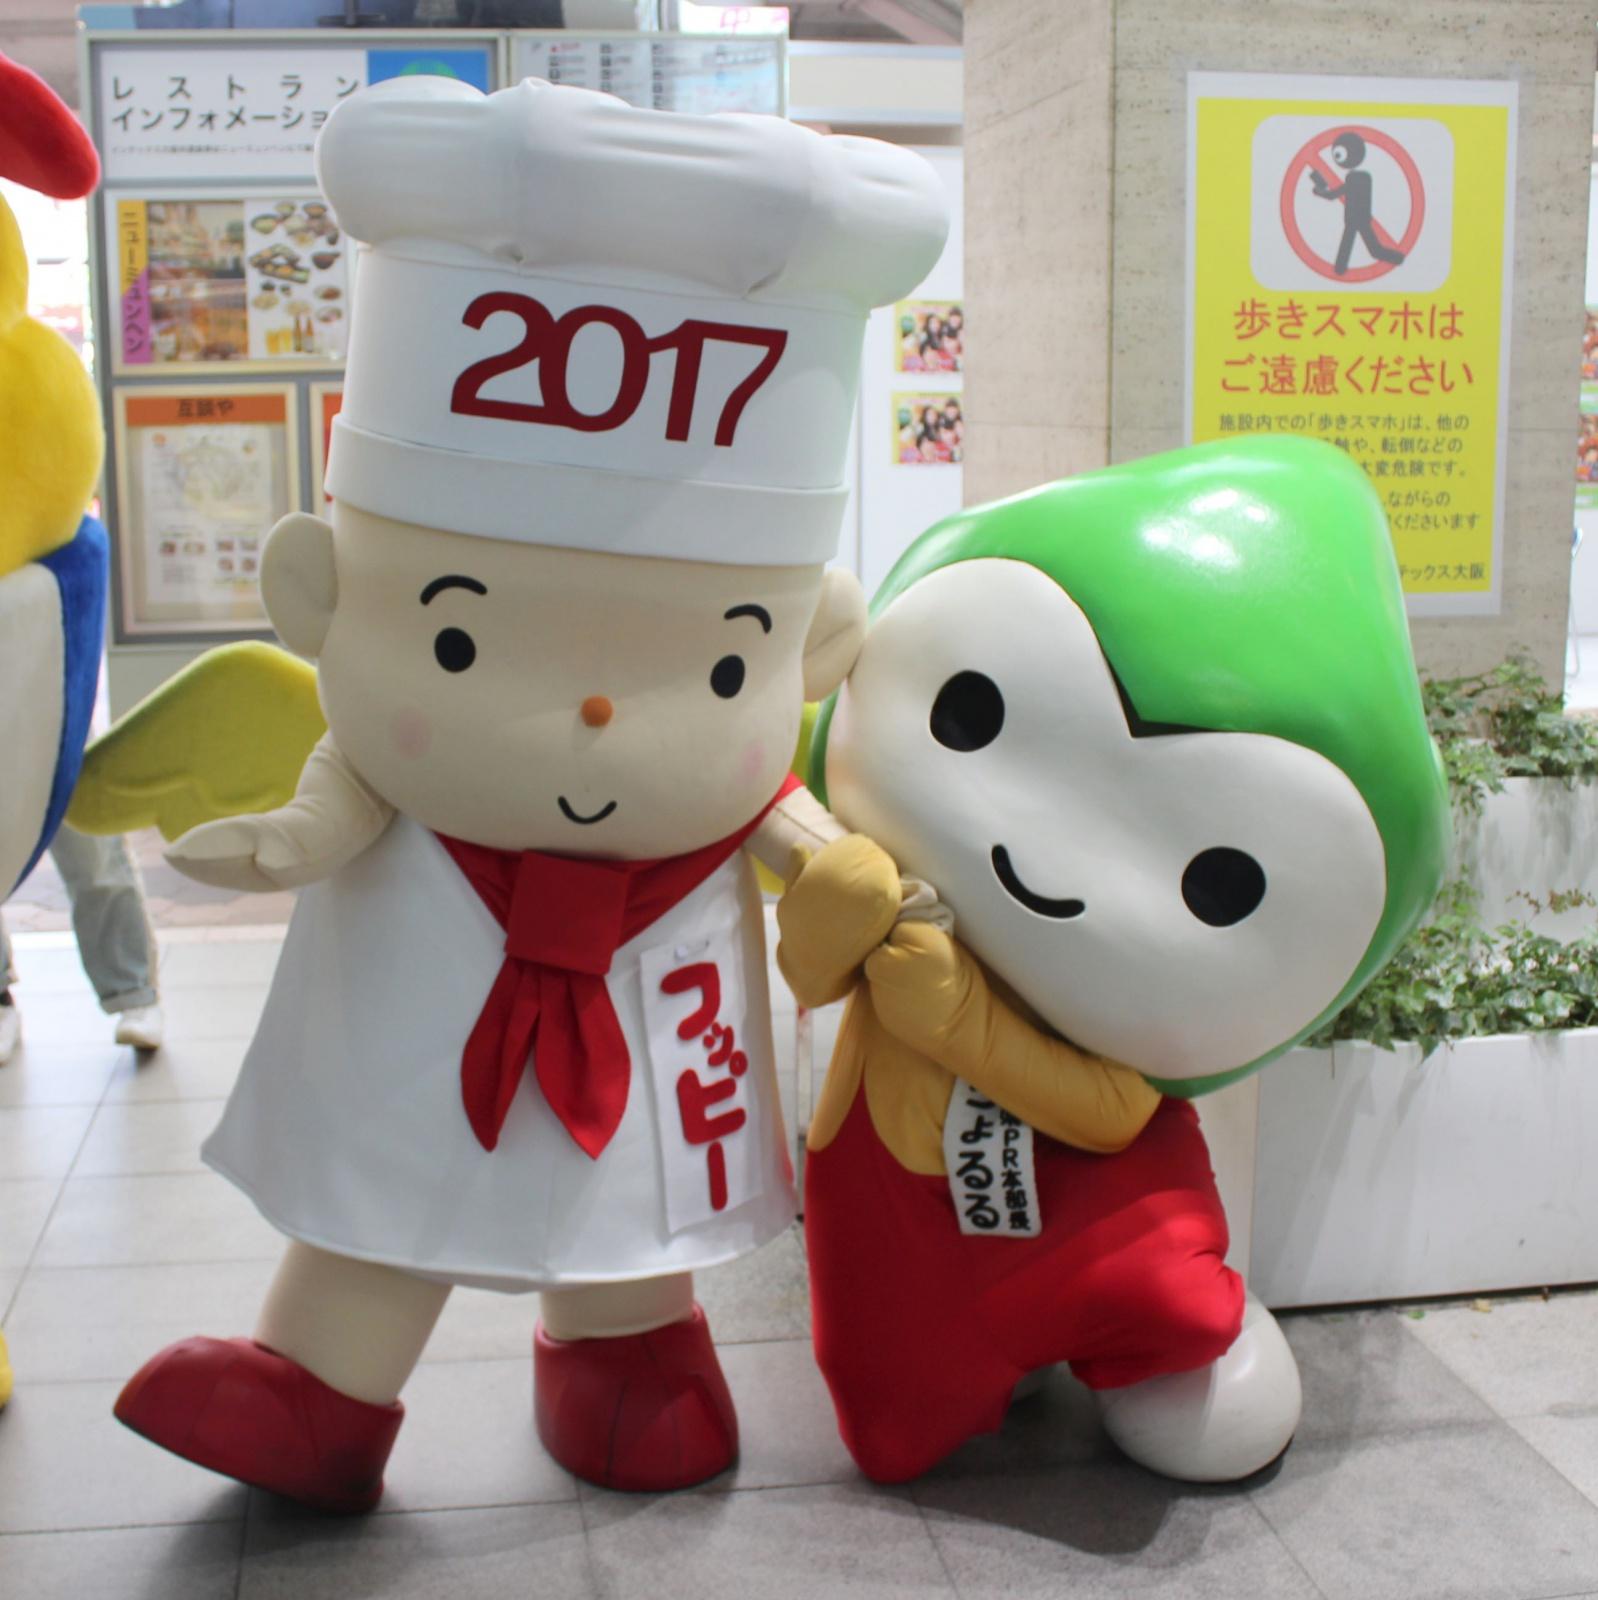 ゴールデンウィークのお出かけ② 大阪府の「食博覧会」に行ってきたよ☆彡